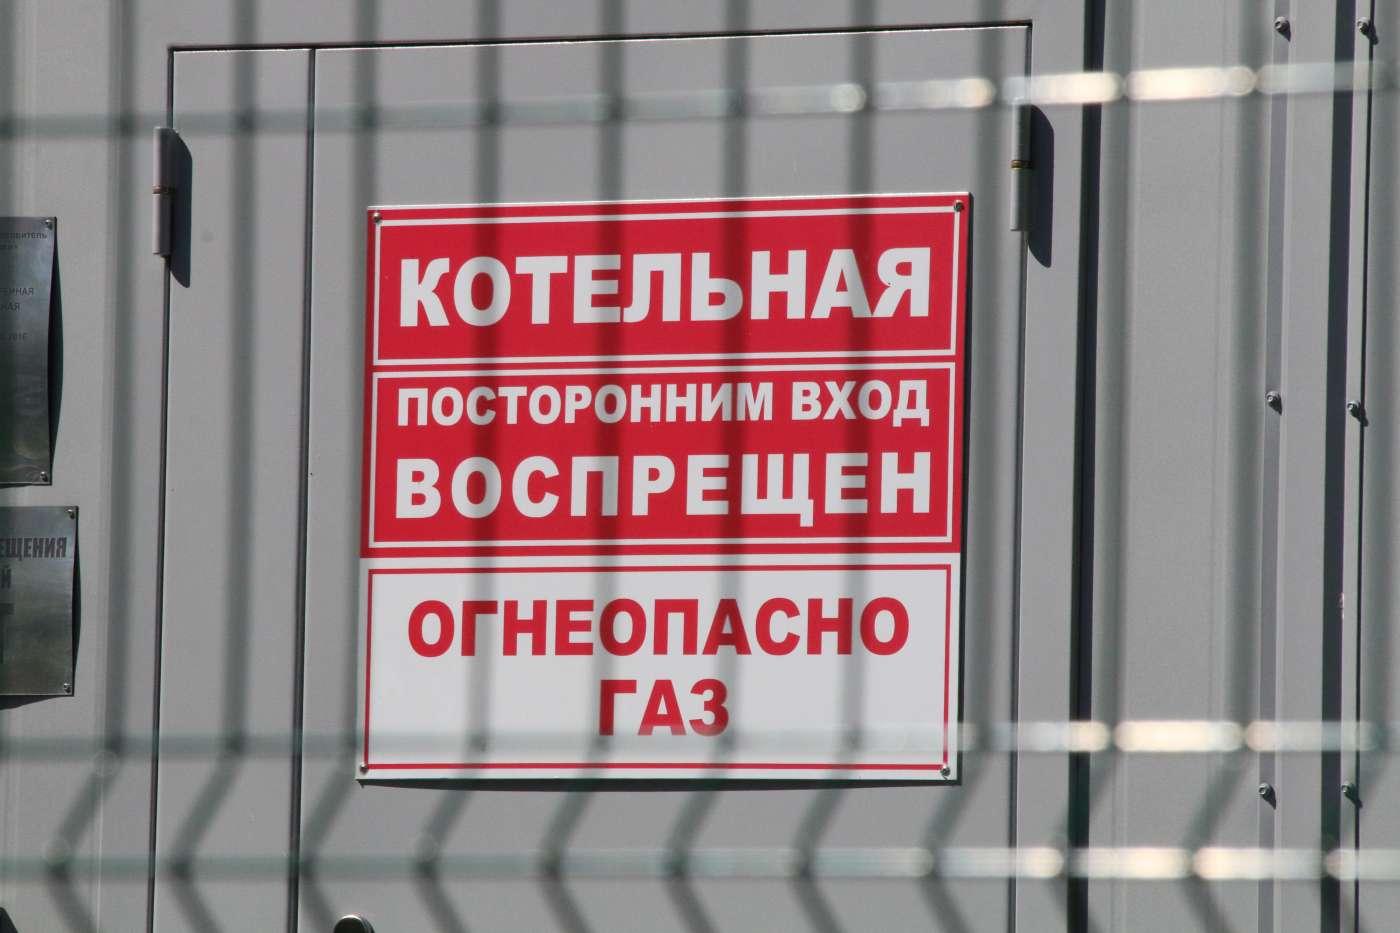 Котовские котельные установлены с нарушениями санитарных требований